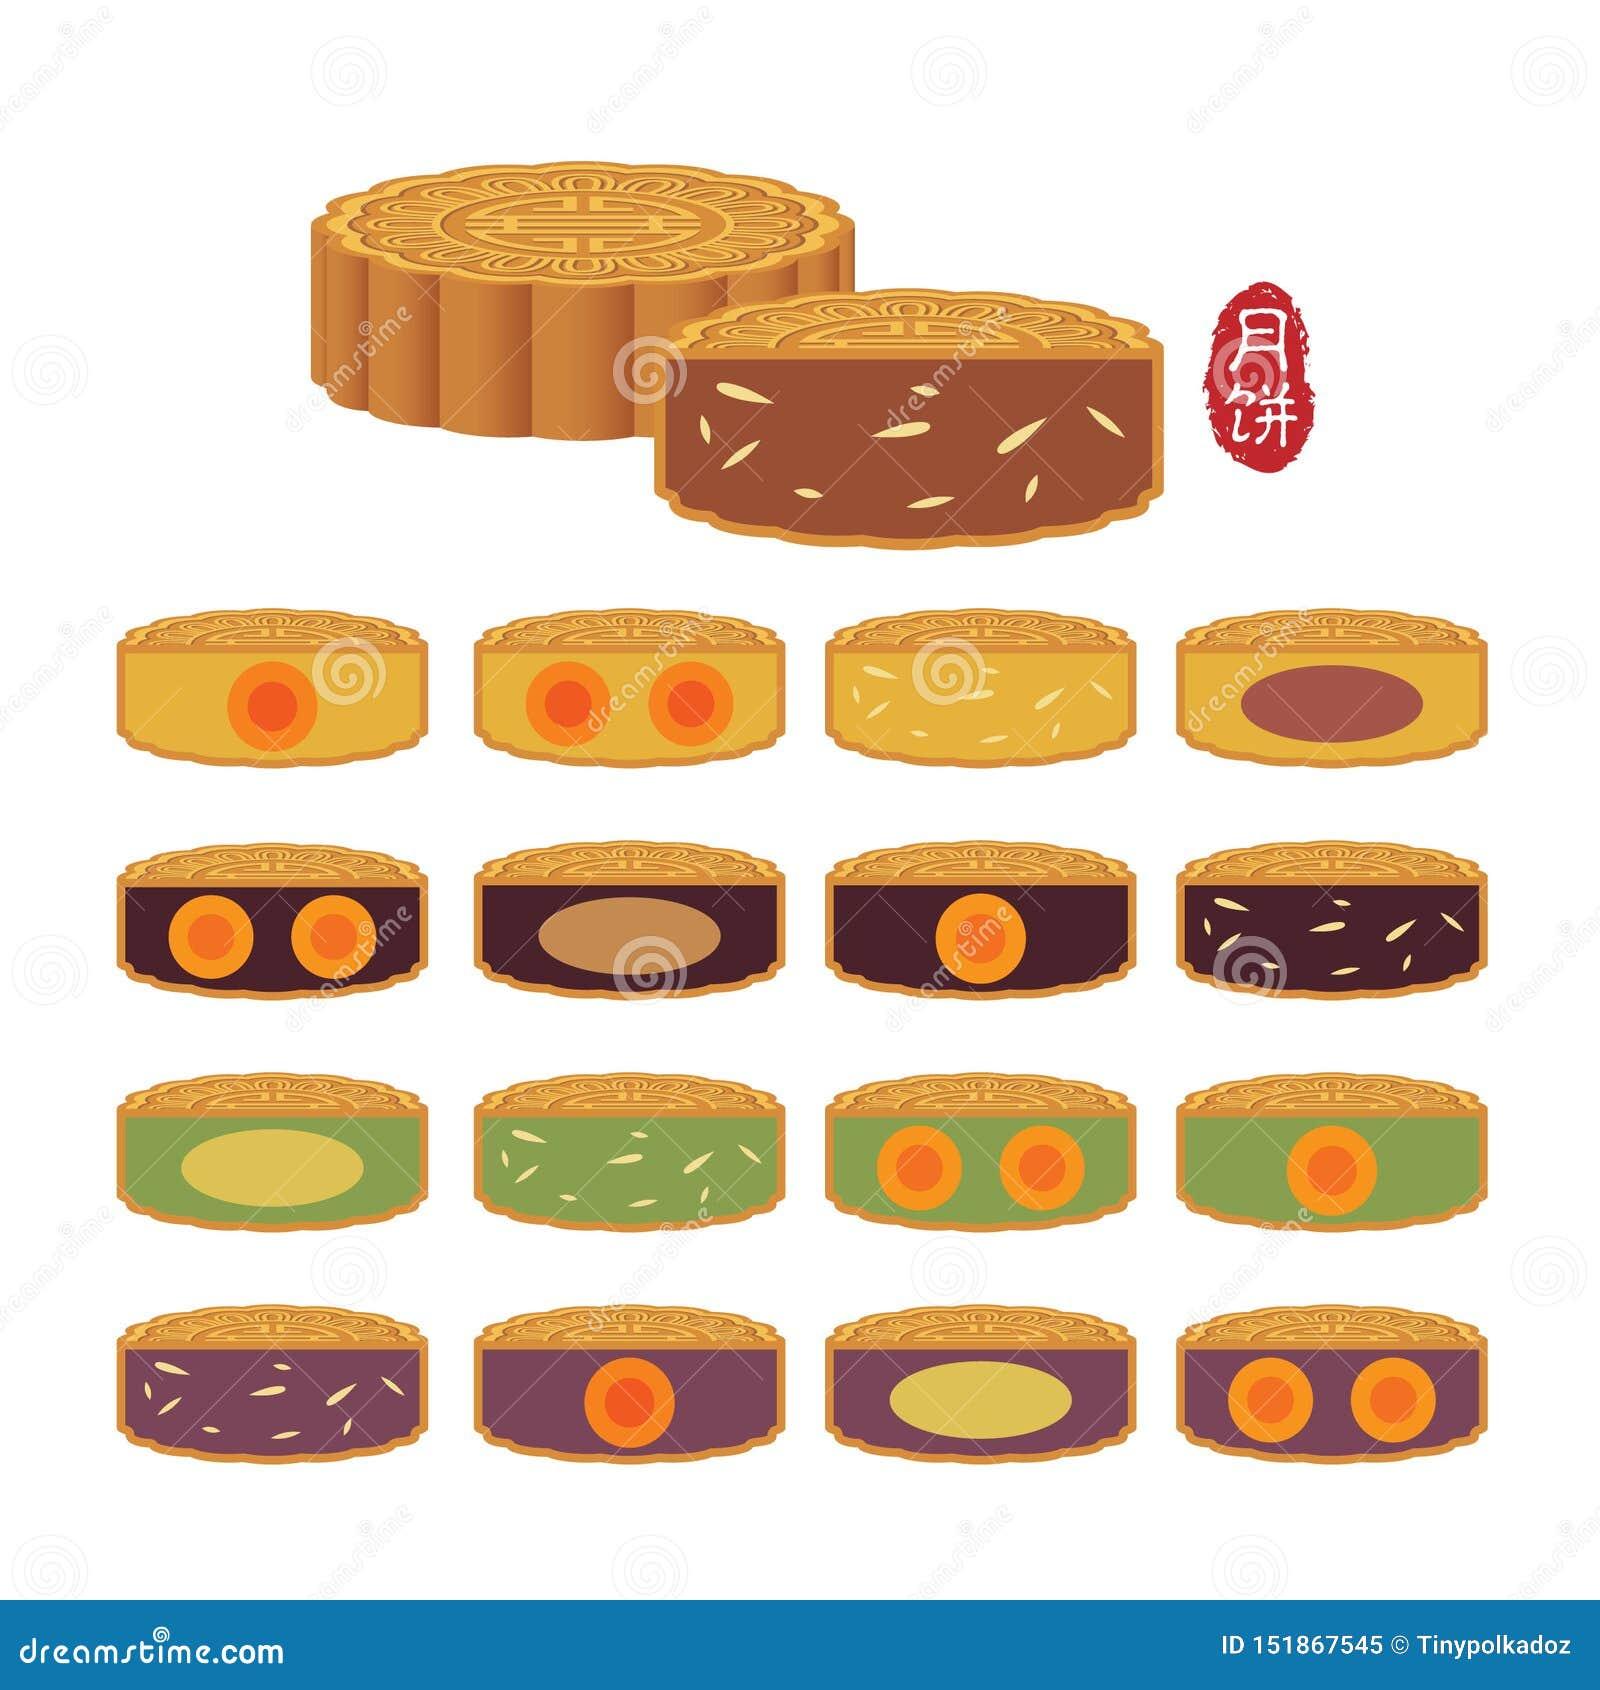 Mitt- höstfestivalmat - mooncake med olik anstrykning